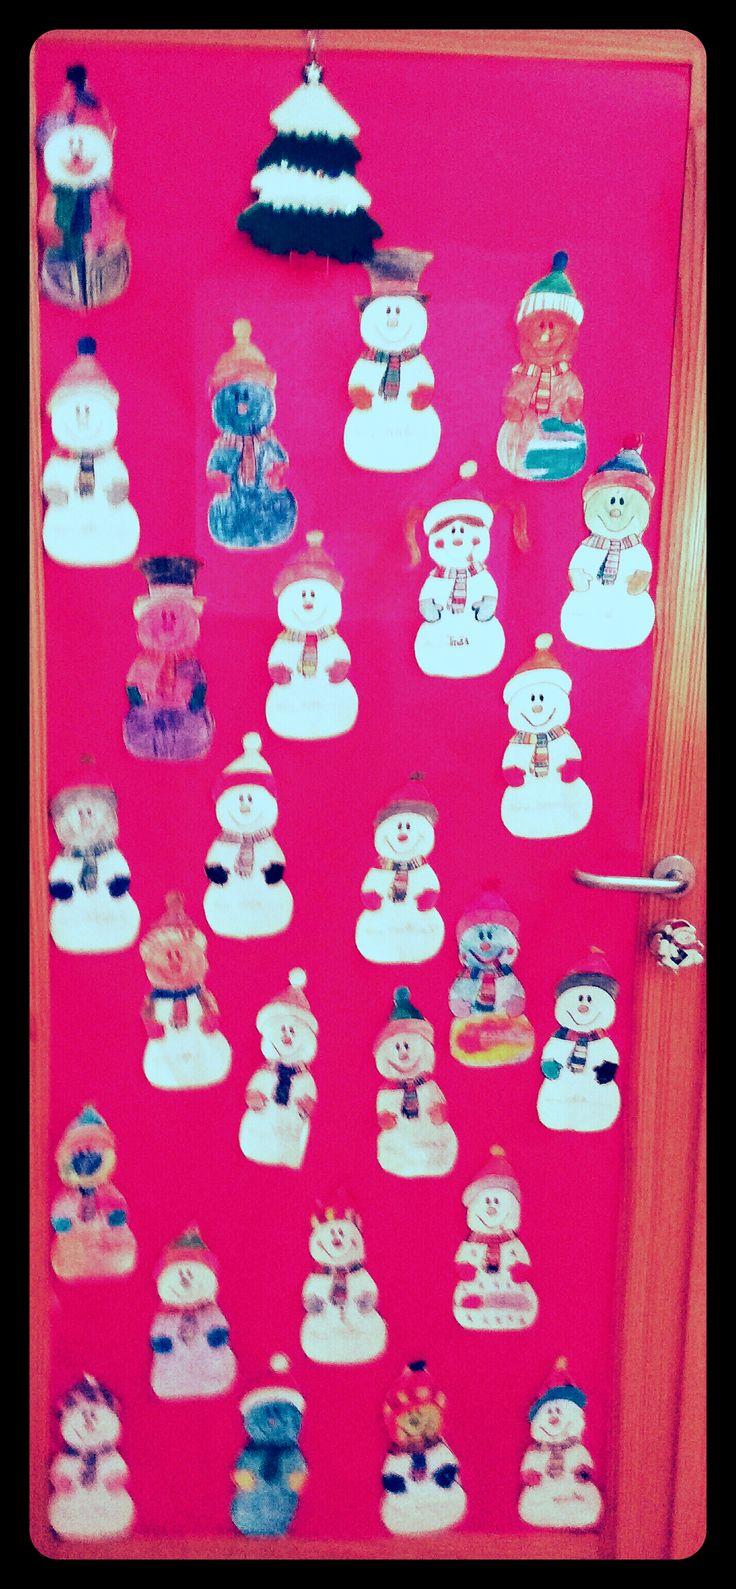 Puerta decorada con muñecos de nieve para Navidad 2015